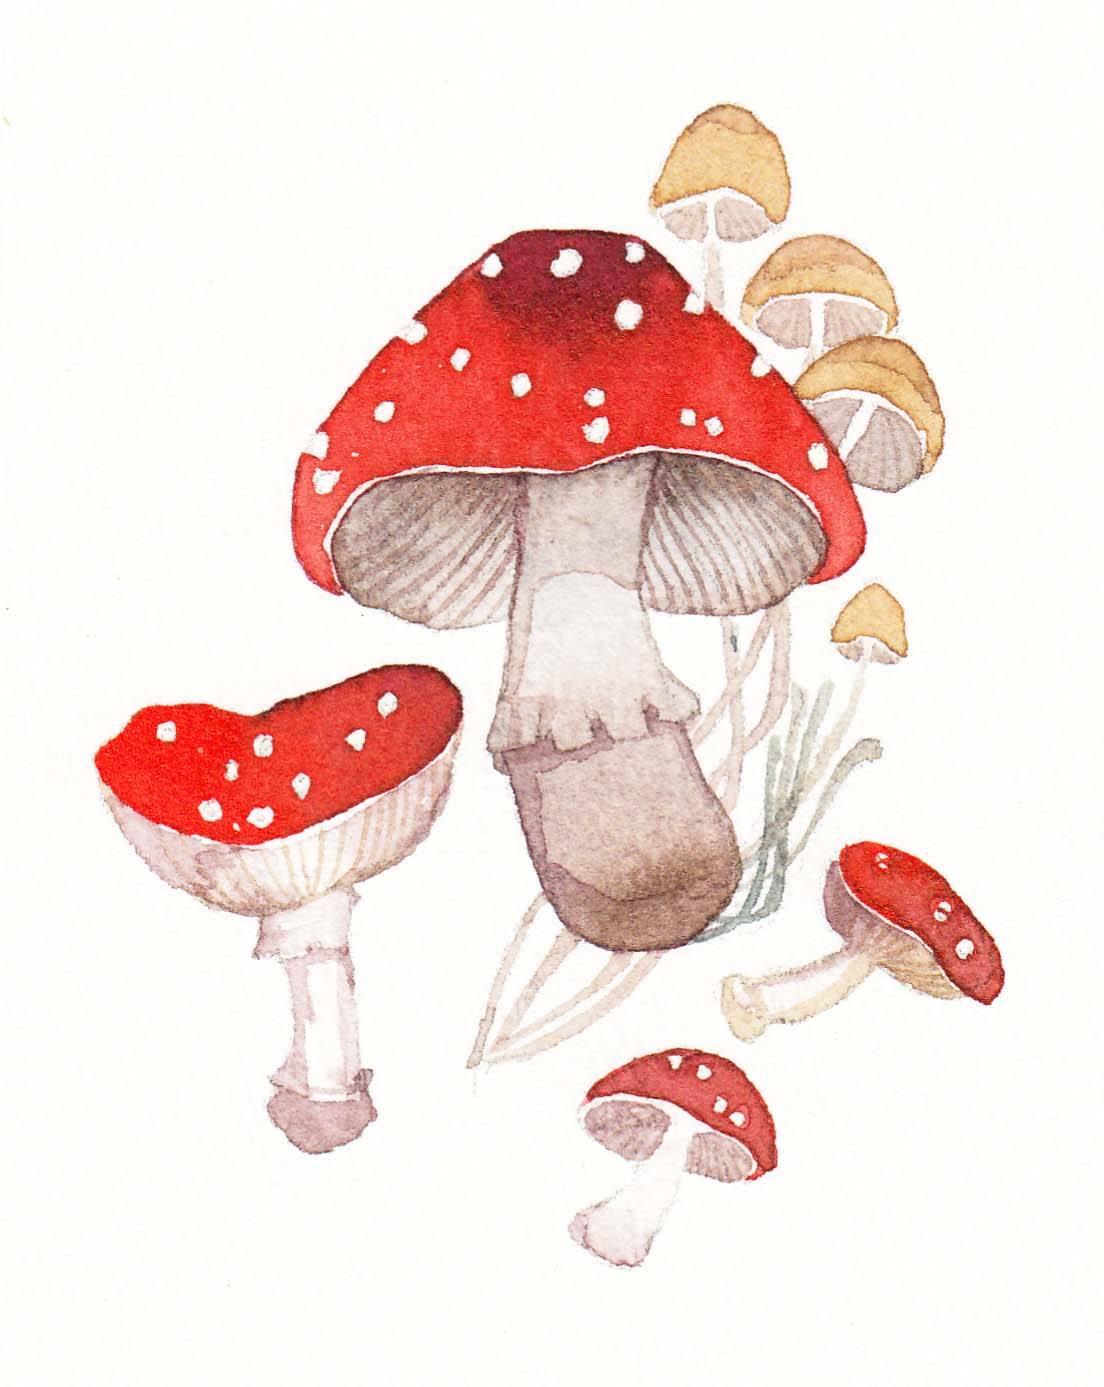 病从口入,蘑菇不能乱吃!